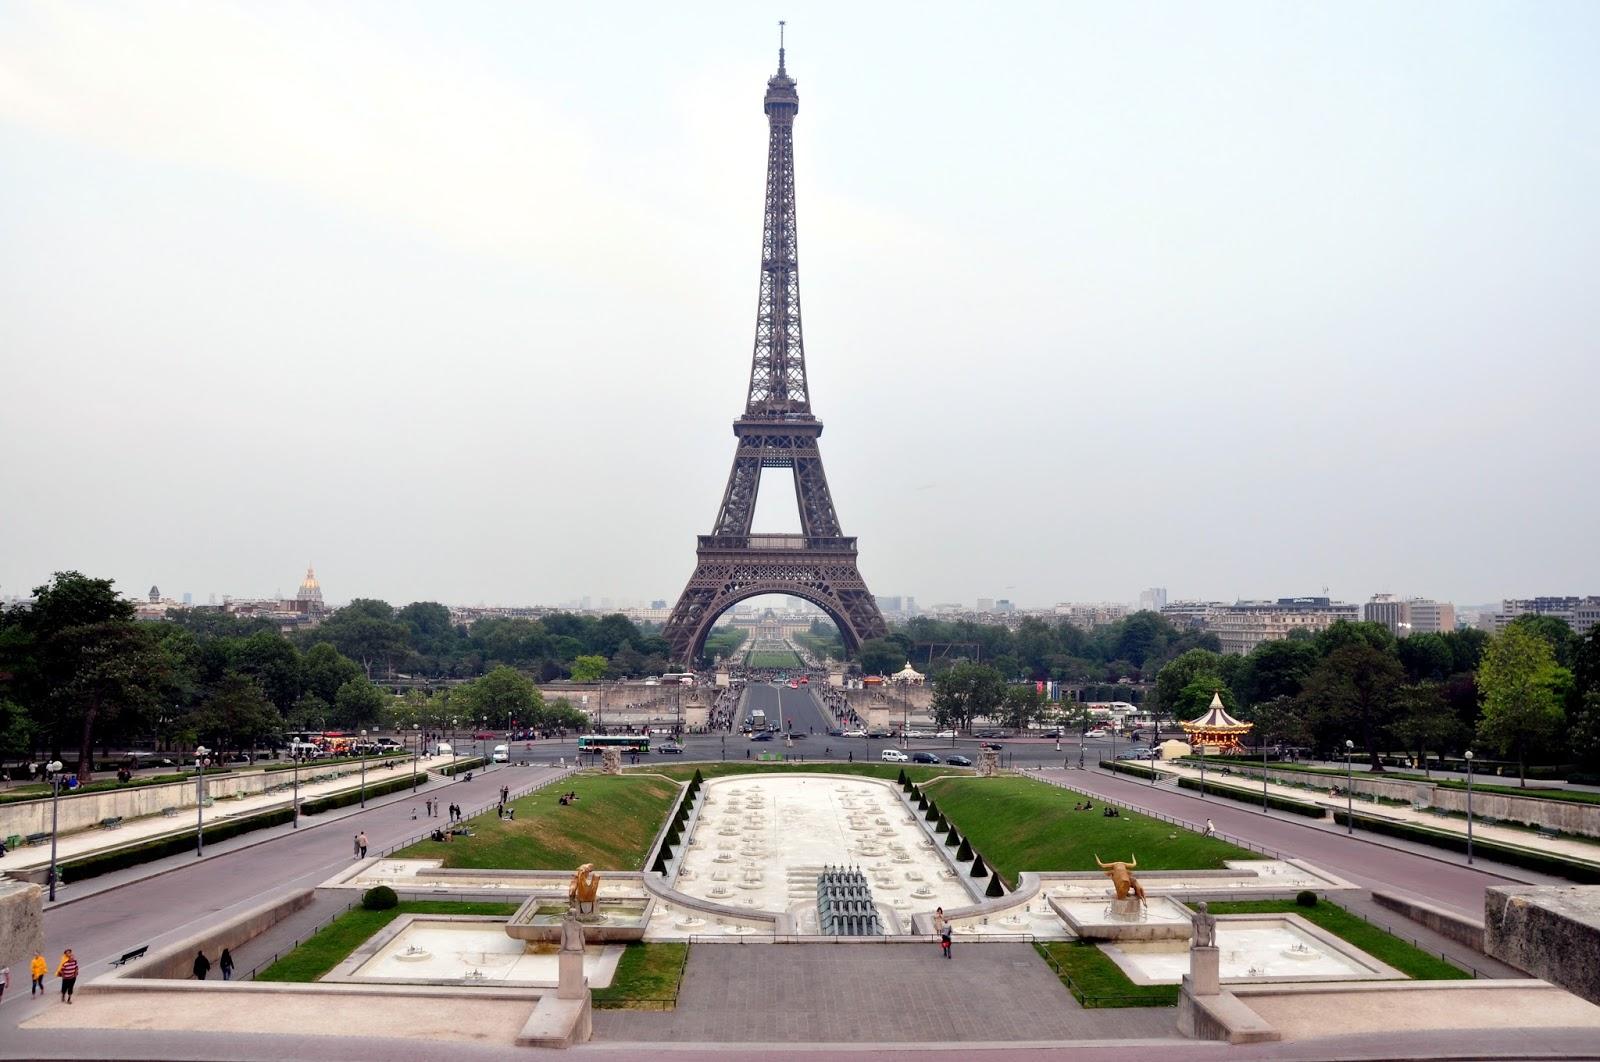 menara eiffel merupakan salah satu tempat wisata di perancis yang menawarkan keindahan sebuah bangunan termasuk keajaiban dunia